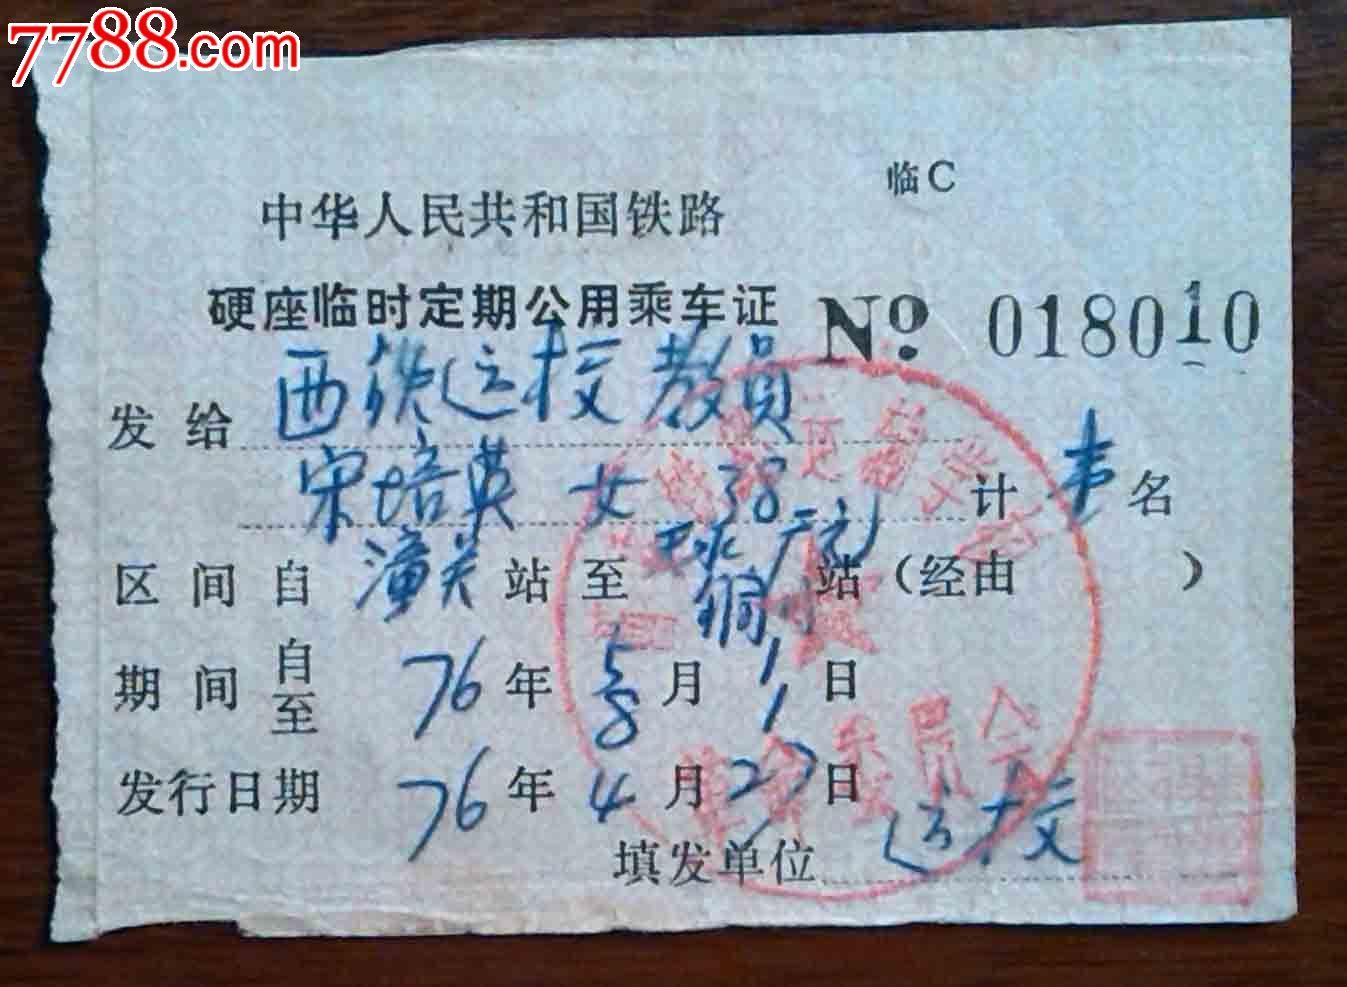 【免票免票】10月30-11月1日(周一-三):万仙山+郭亮+八里沟免票三日游